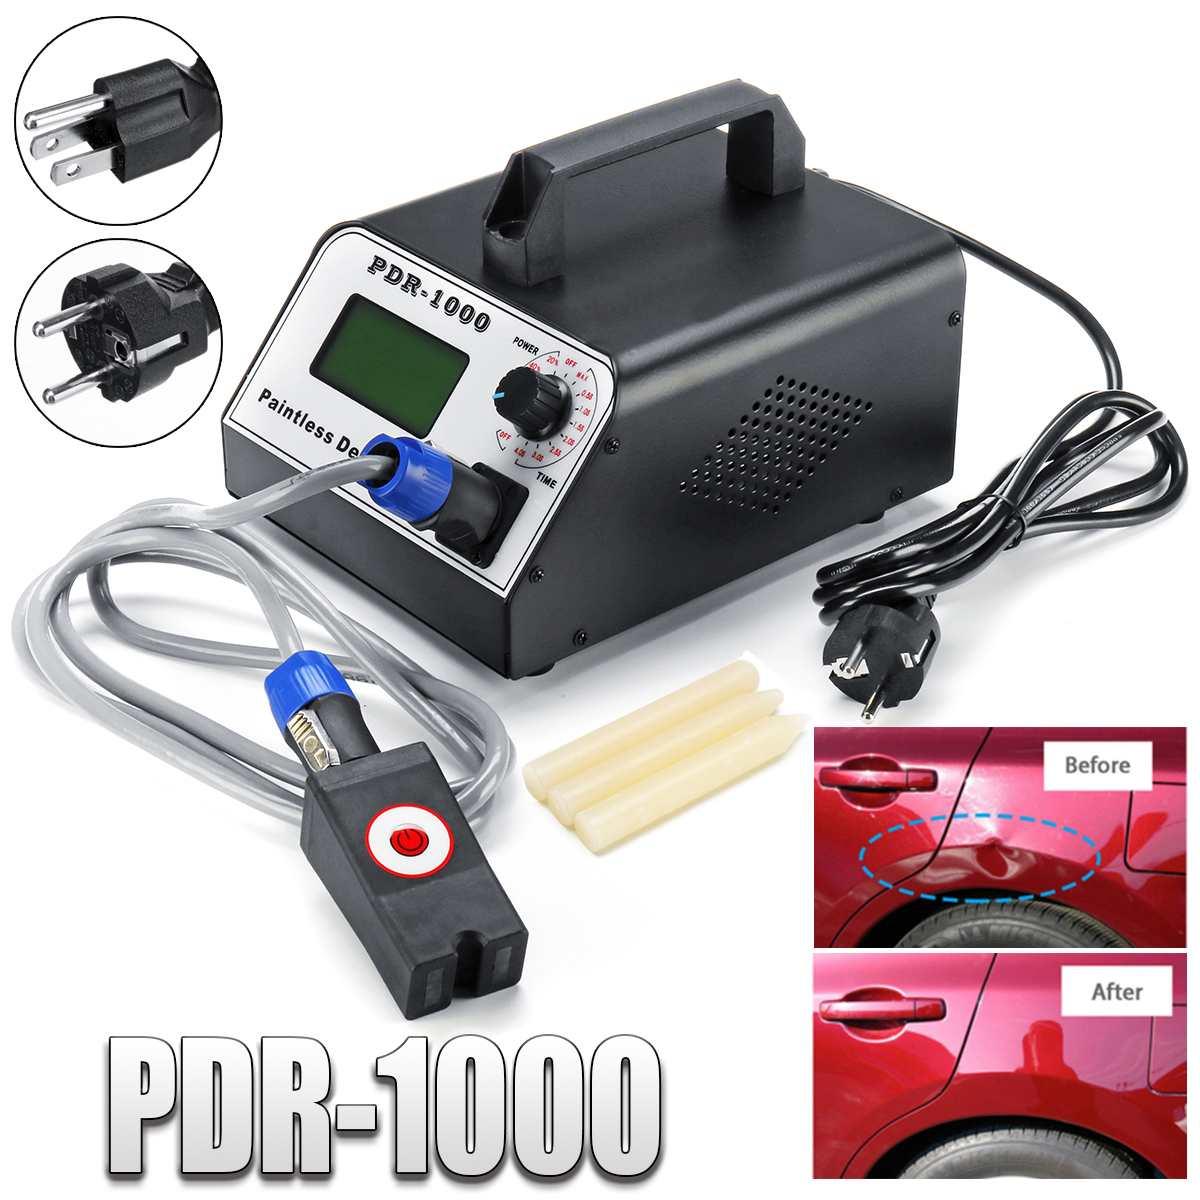 Calentador de inducción coche removedor de reparación de abolladuras sin pintura para quitar abolladuras 220 V/110 V 1000 W herramienta de caja caliente conjunto para reparación del cuerpo del coche